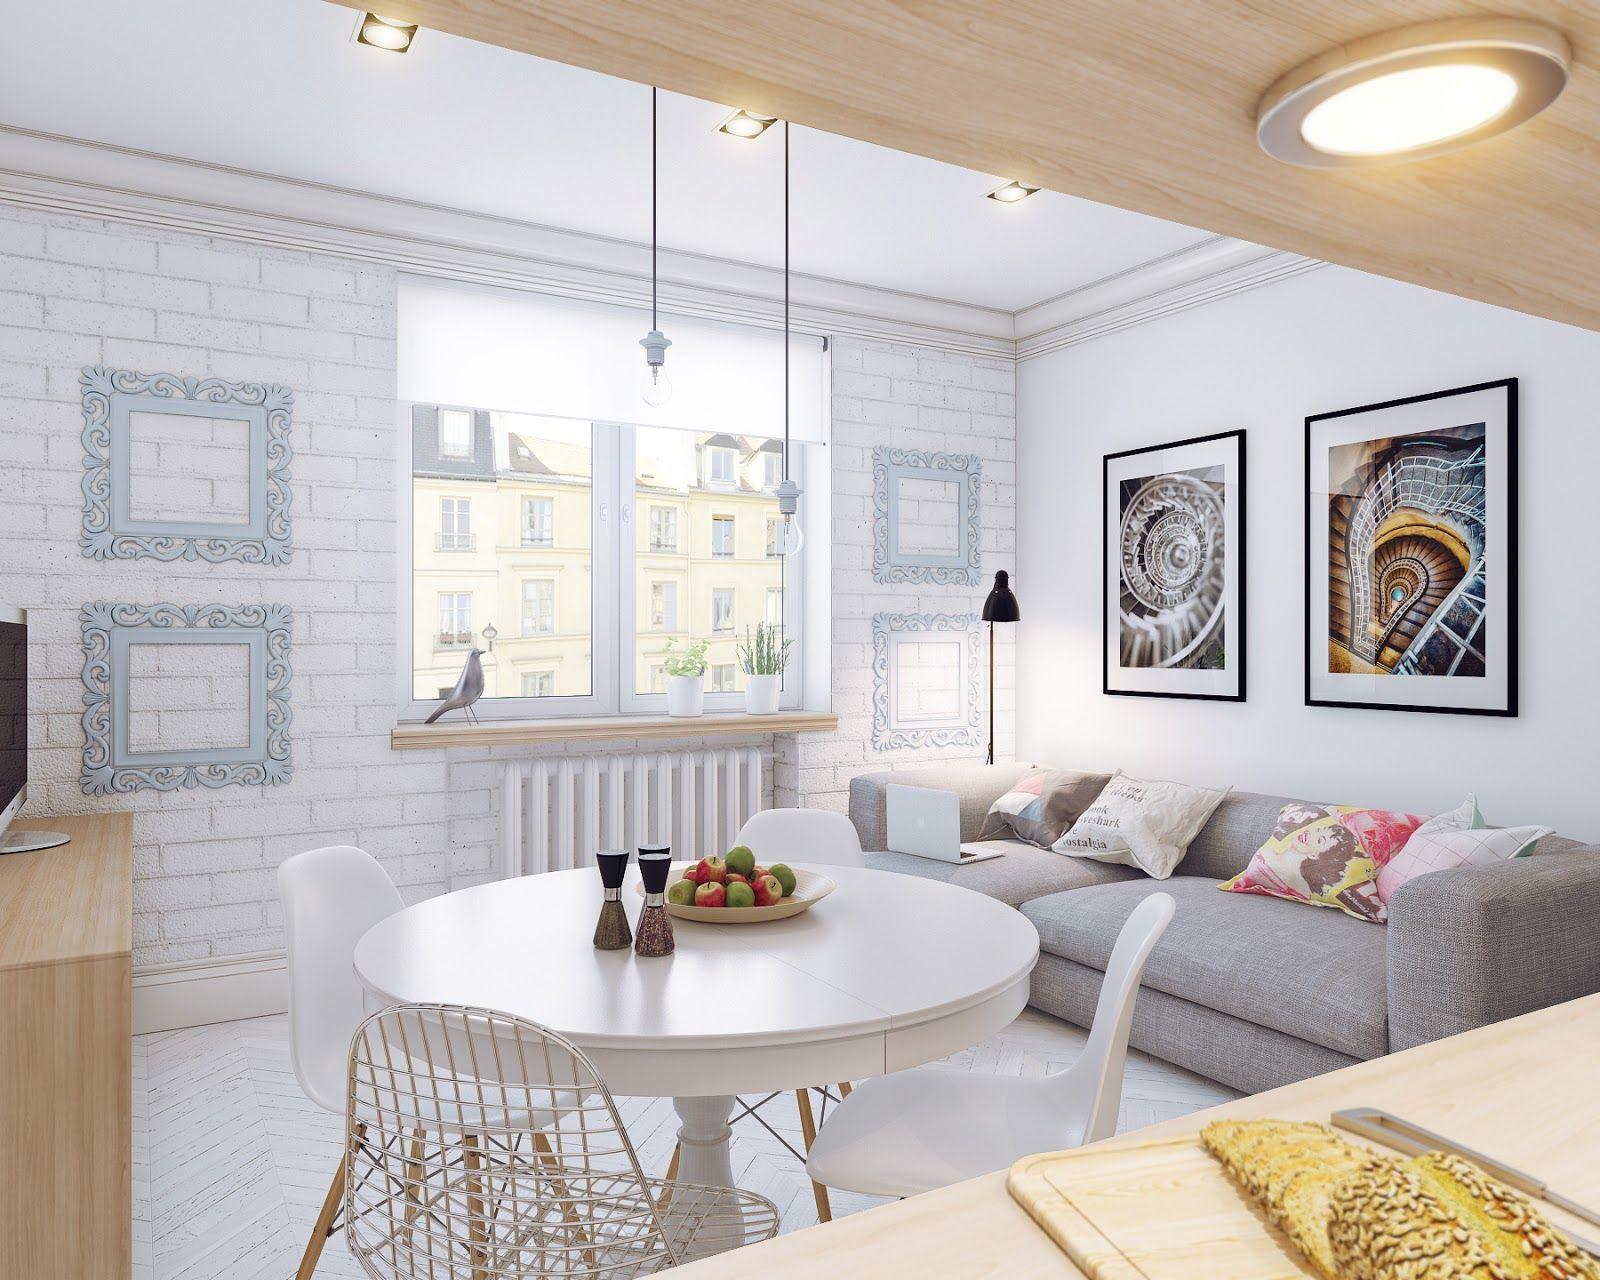 como decorar una casa peque a de 25 metros cuadrados